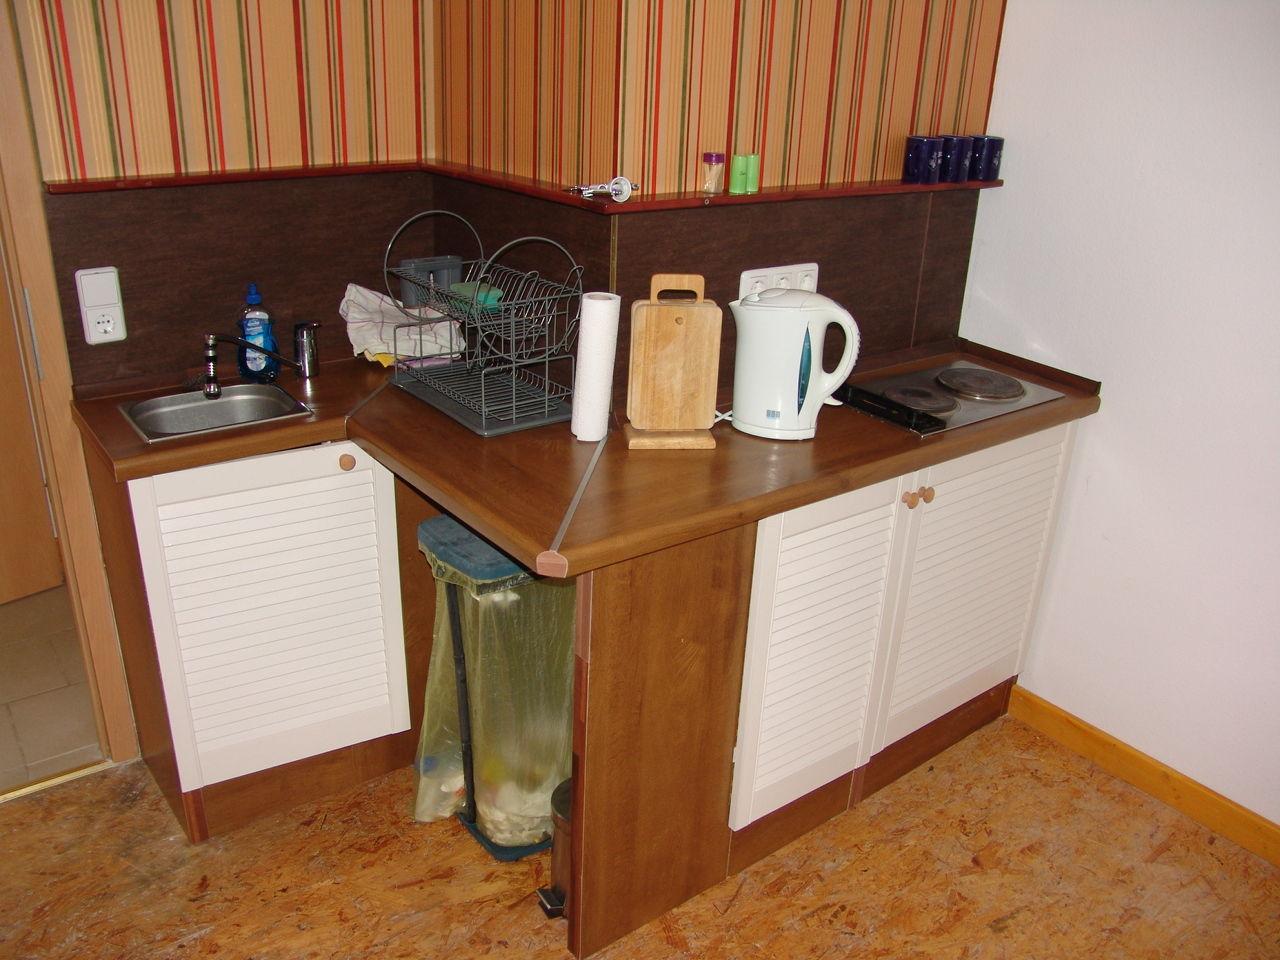 Der mueckenbusch der kleine bungalow for Kleine kuche mit sitzgelegenheit